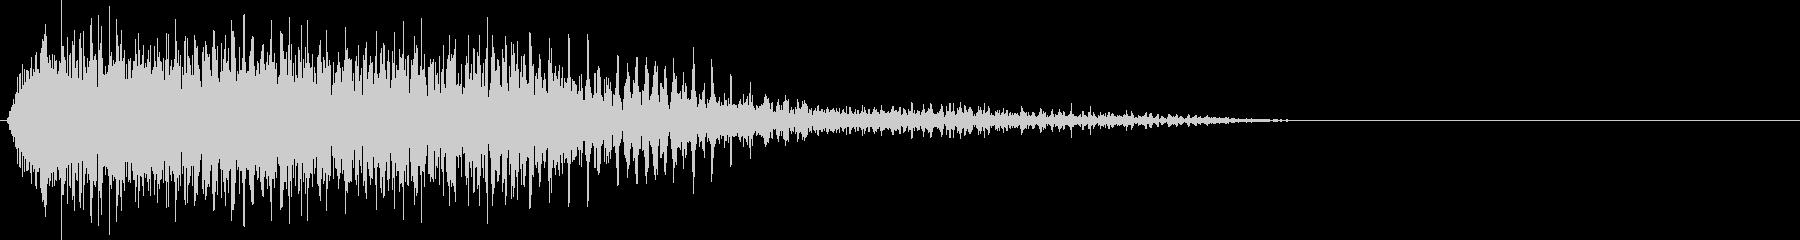 後を追うマルチピッチの音色革命の未再生の波形